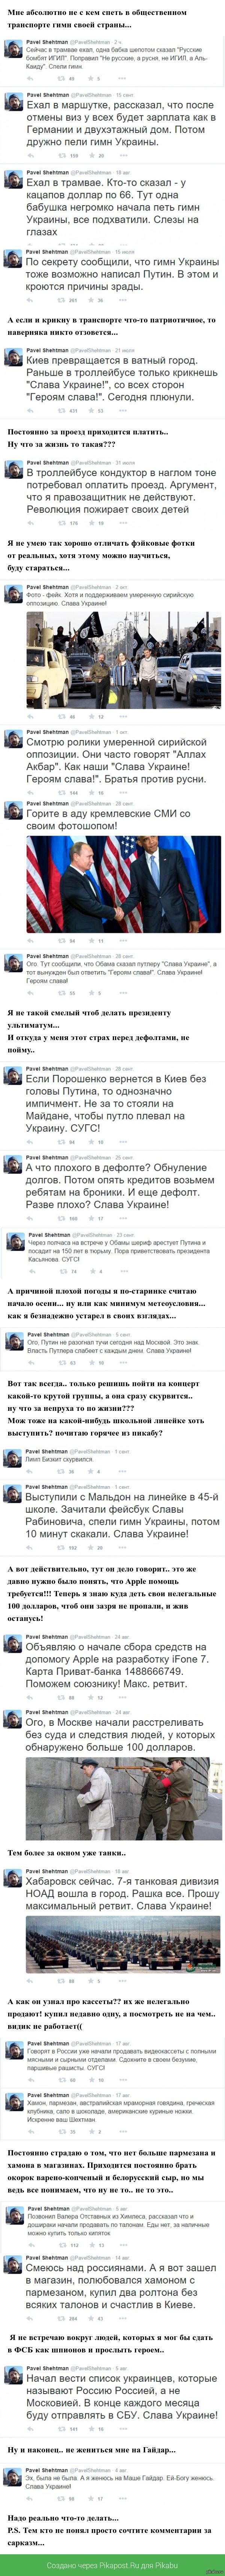 Как я осознал что живу очень скучно и уныло... (( Я просто зашел на страничку твиттера. Как он сам себя называет, Гражданскоий и экологический активист. Советник Президента и министра обороны Украины.